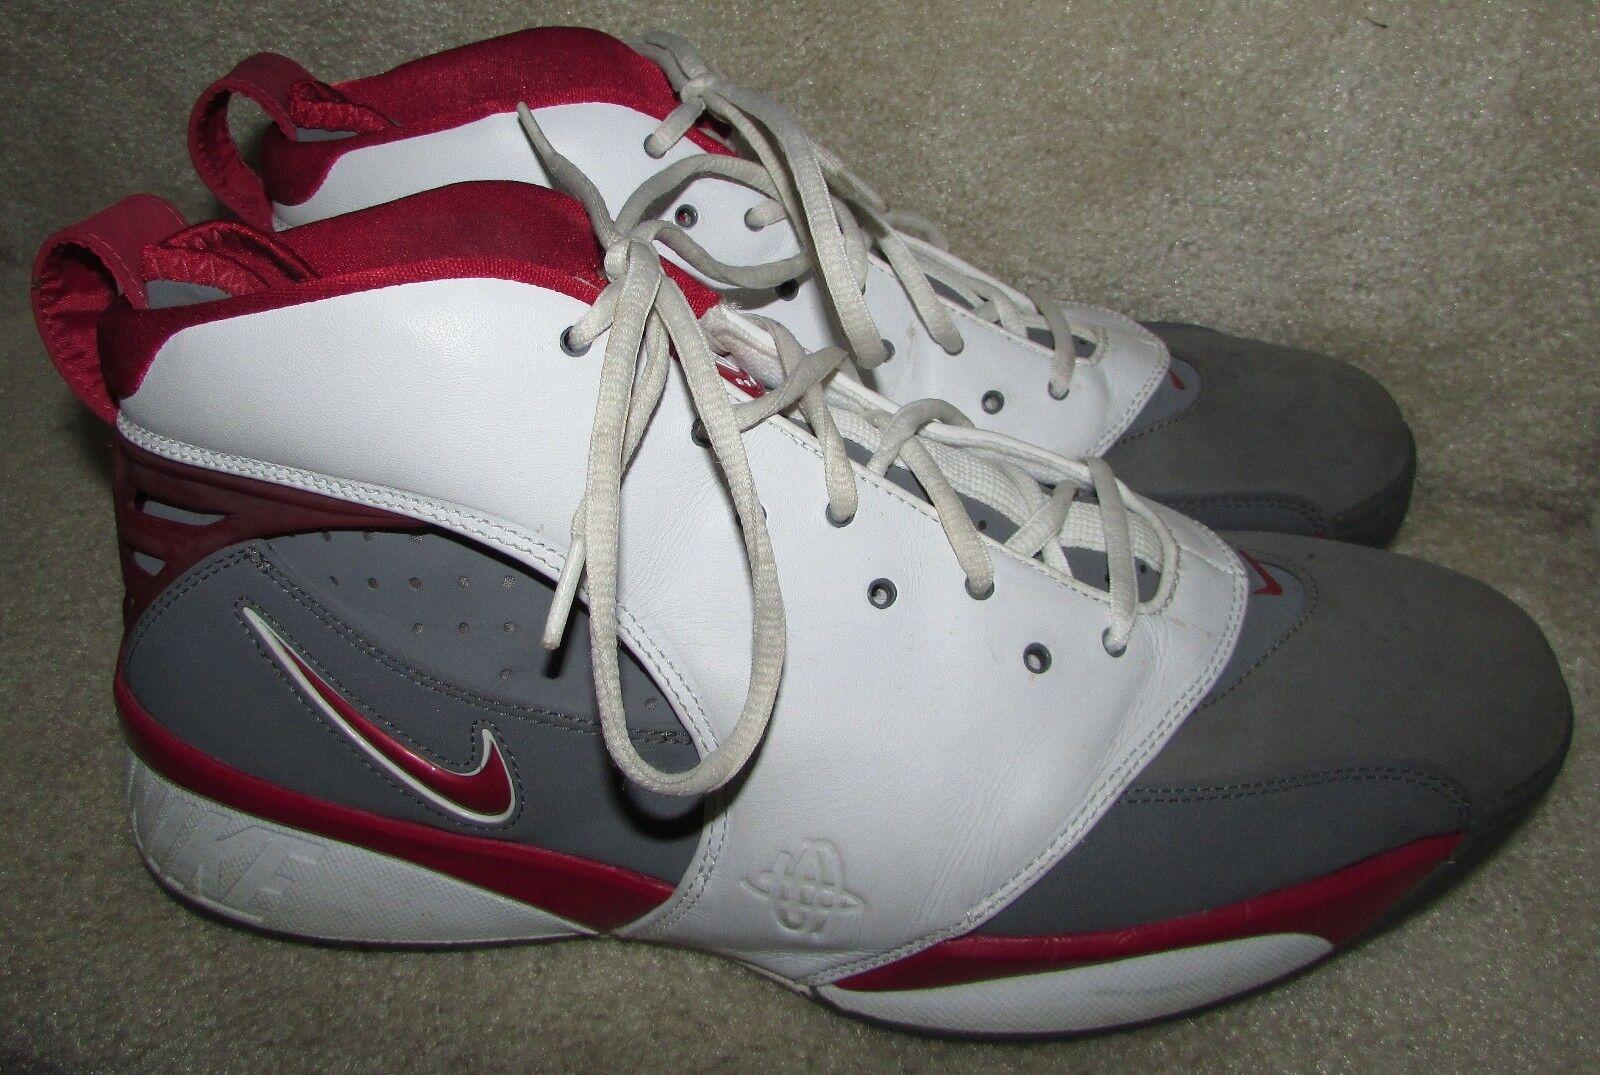 Nike air retr retr retr huarache 64 bianco - rosso grigio scarpe da basket 313386-012 numero 13 3baf46